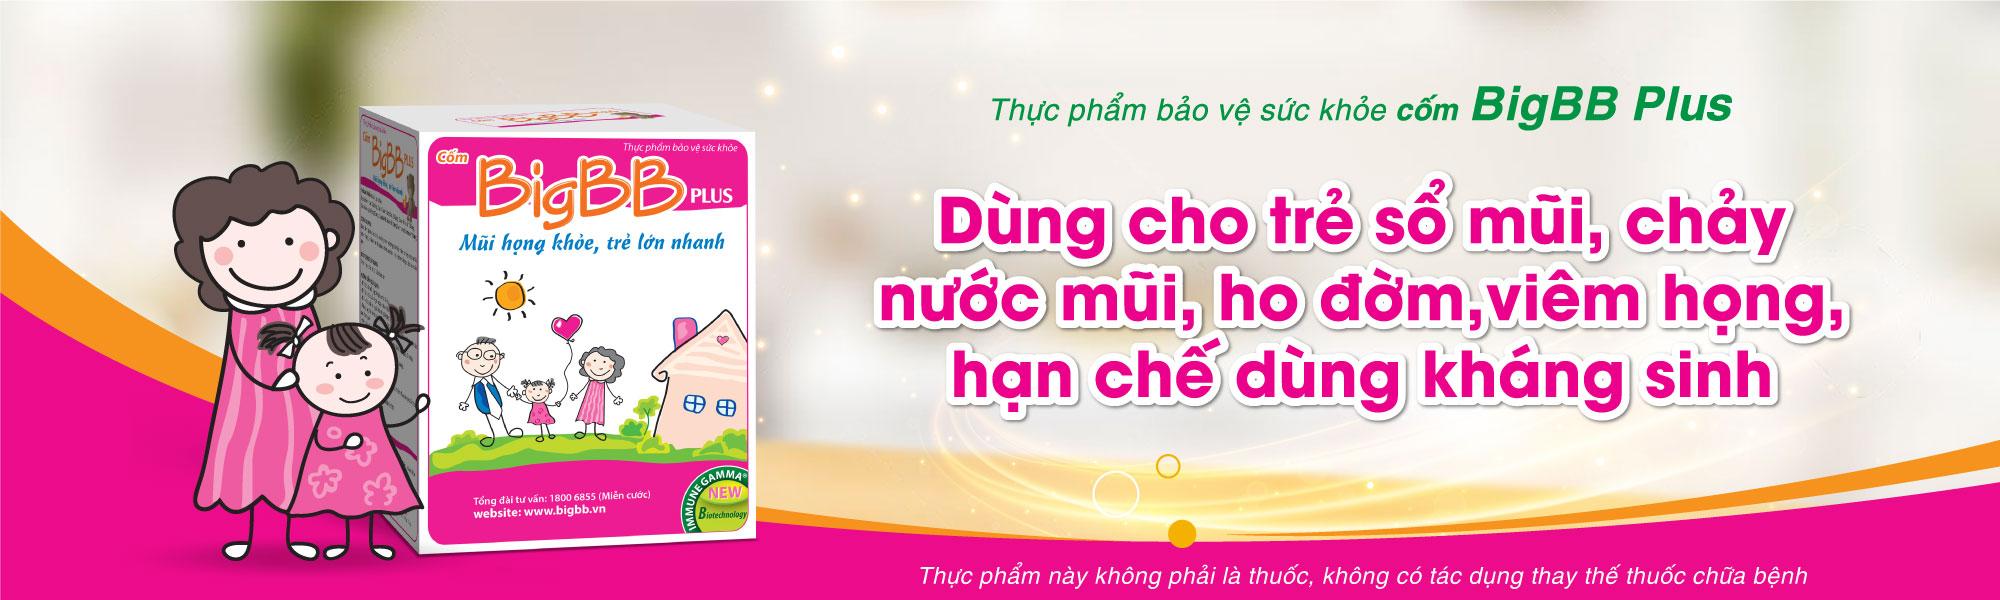 Banner-web-muihongkhoe1